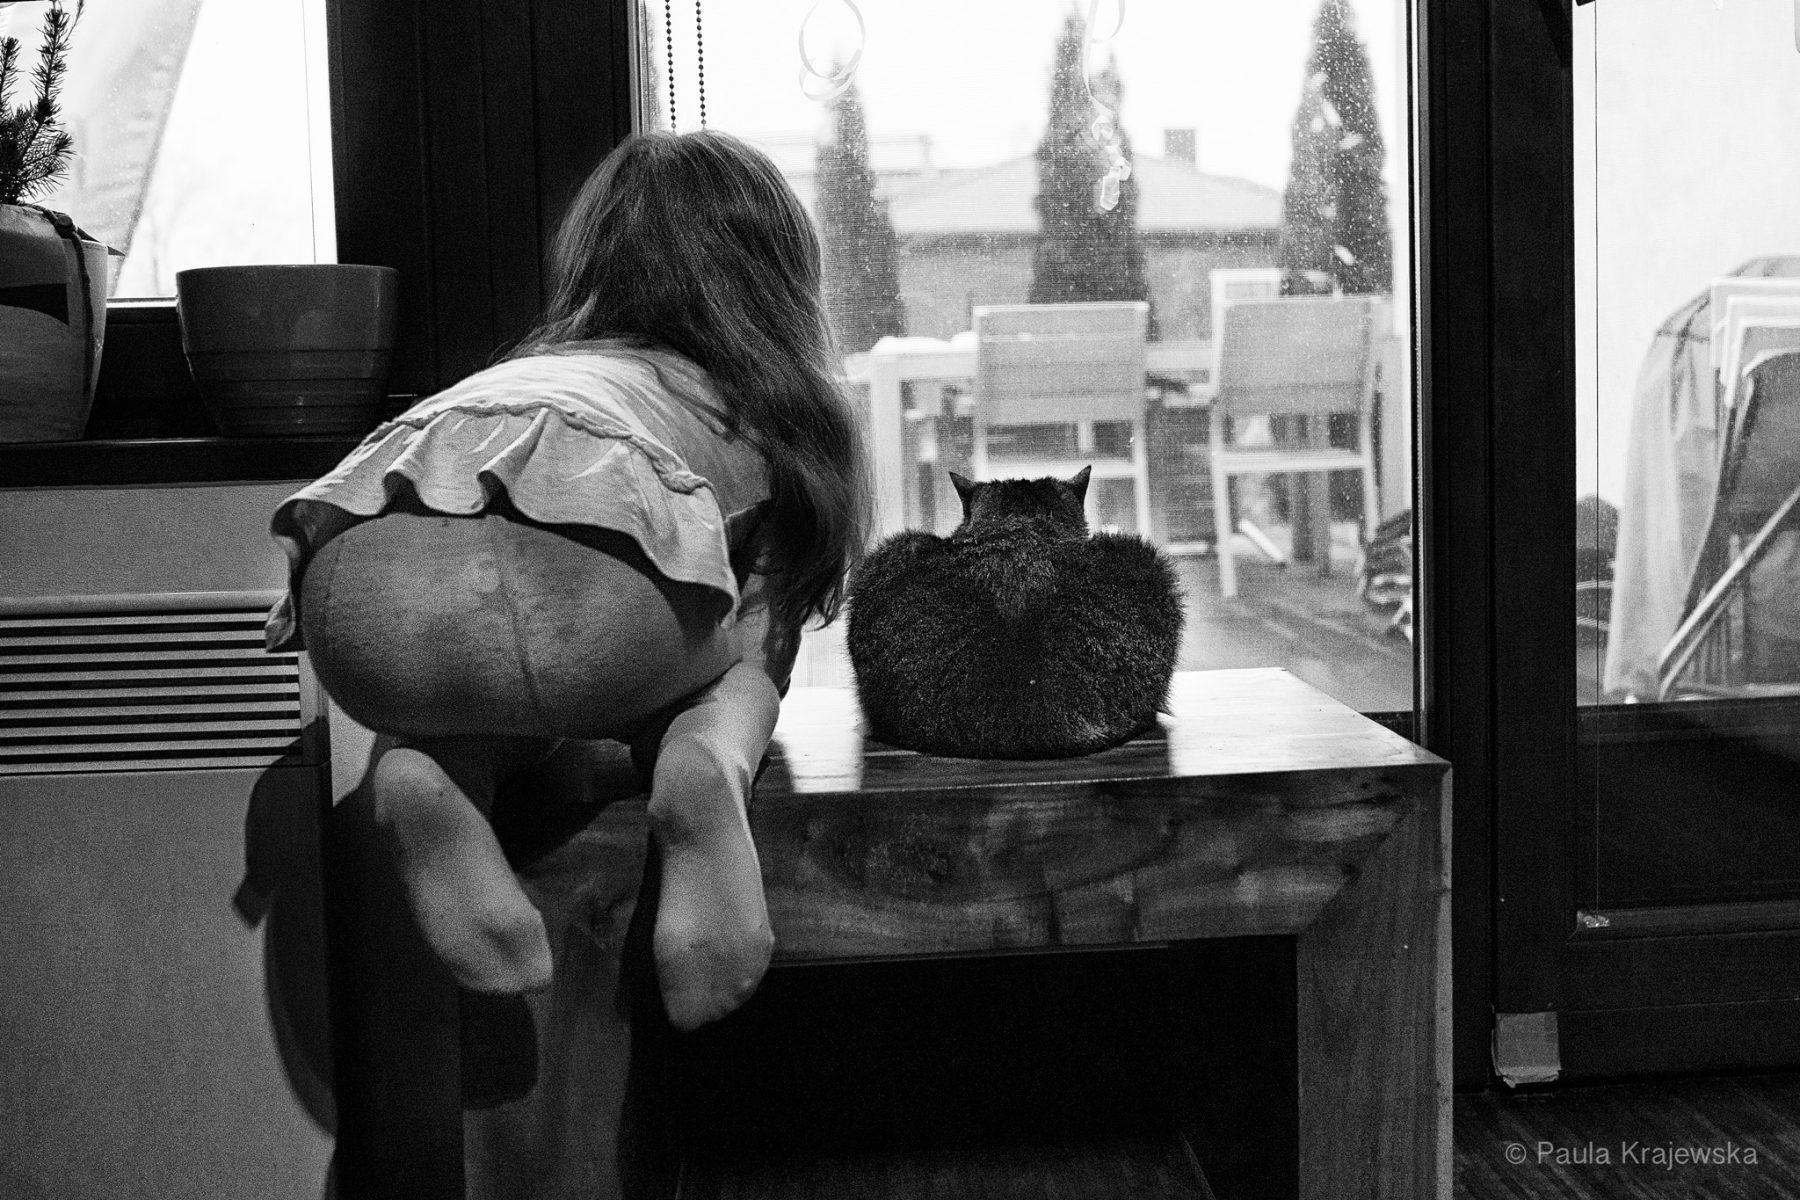 Meisje en kat op tafel kijkend naar het slecht weer buiten, foto door Paula Krajewska